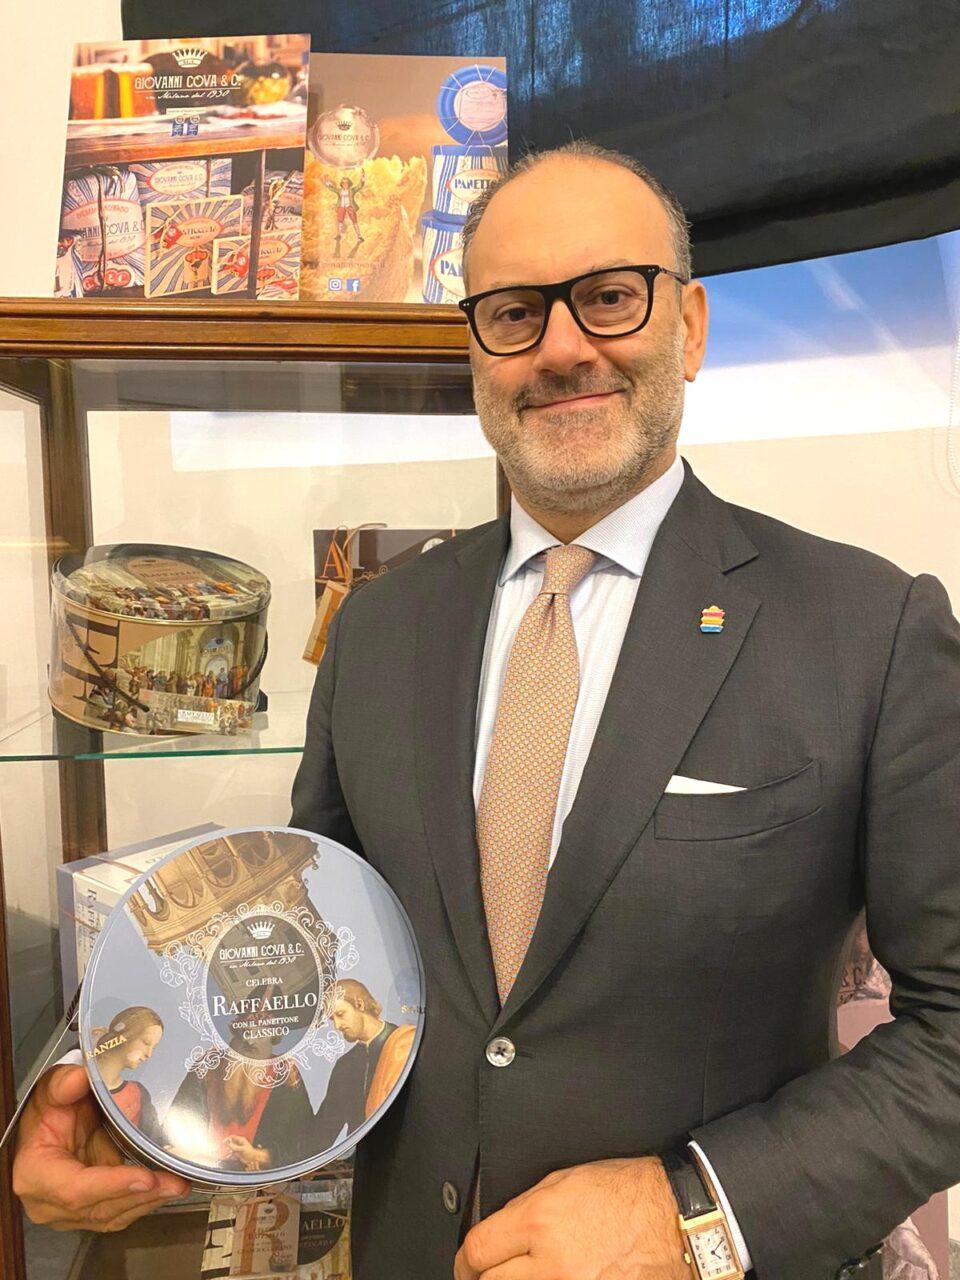 Giovanni Cova & C.: collaborazione con 2 Pinacoteche di Milano